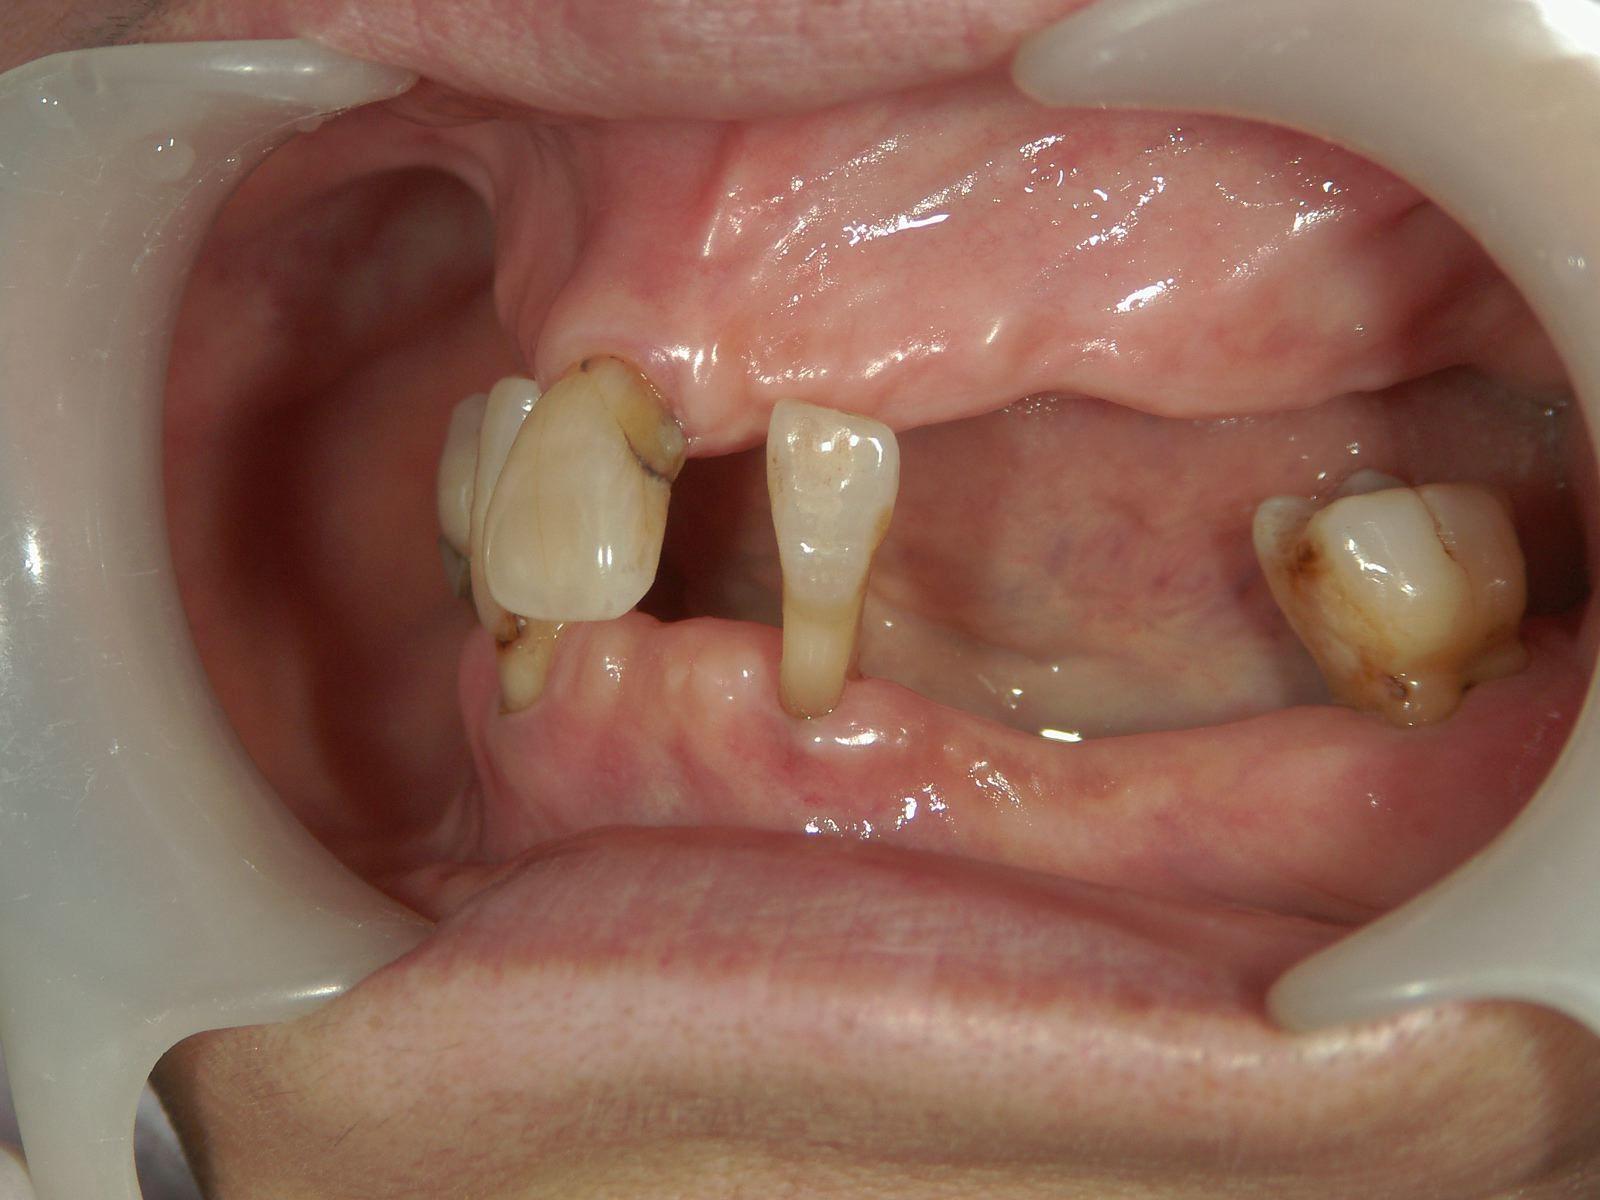 遺伝だけでは歯は悪くはならない、という事・・・。予防歯科再考。_b0119466_01282658.jpg